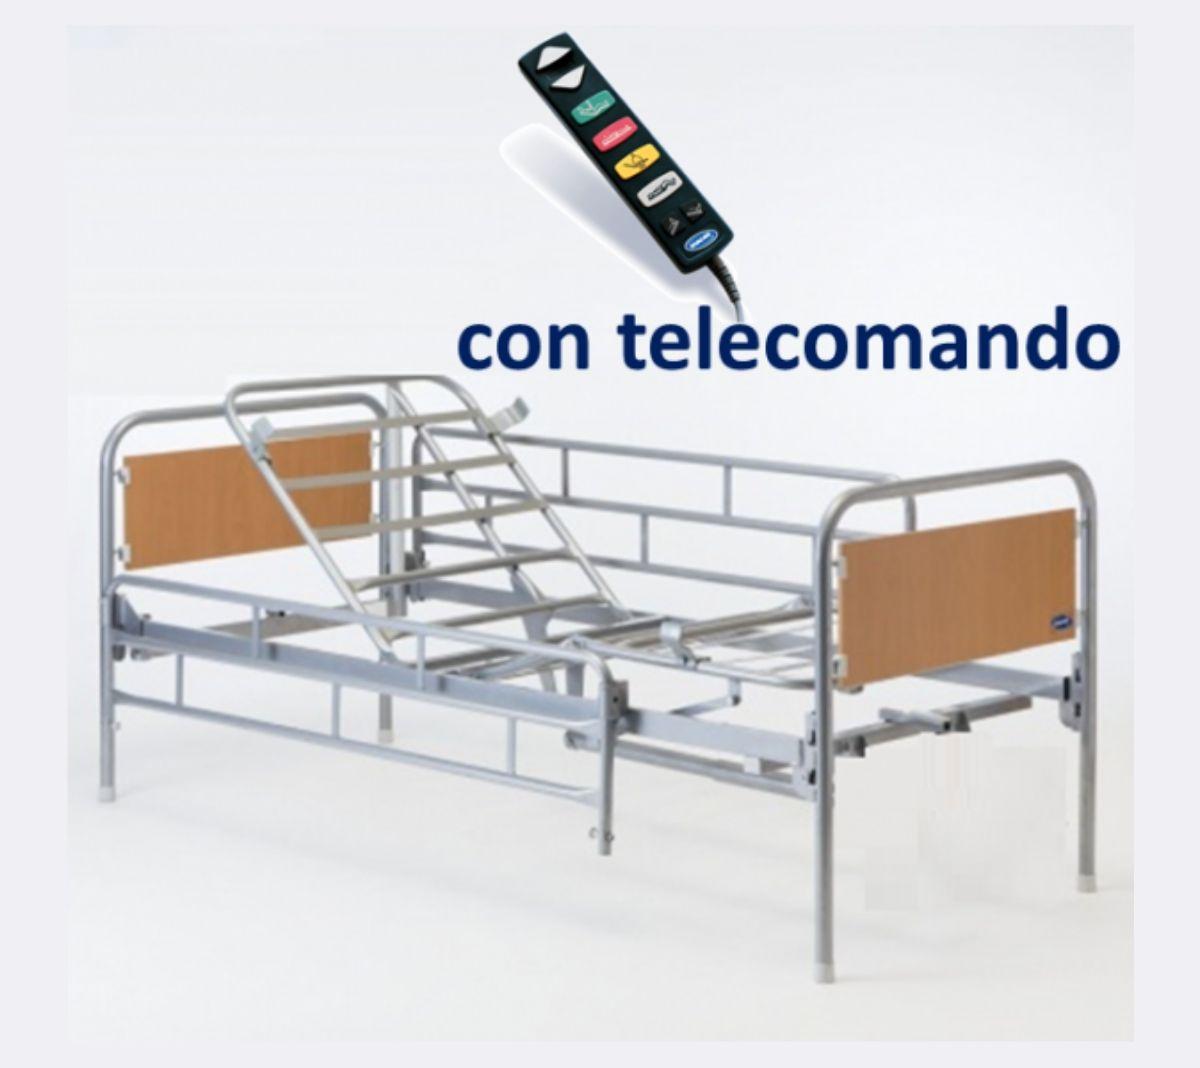 Letto elettrico e manuale - Officine-Ortopediche.com